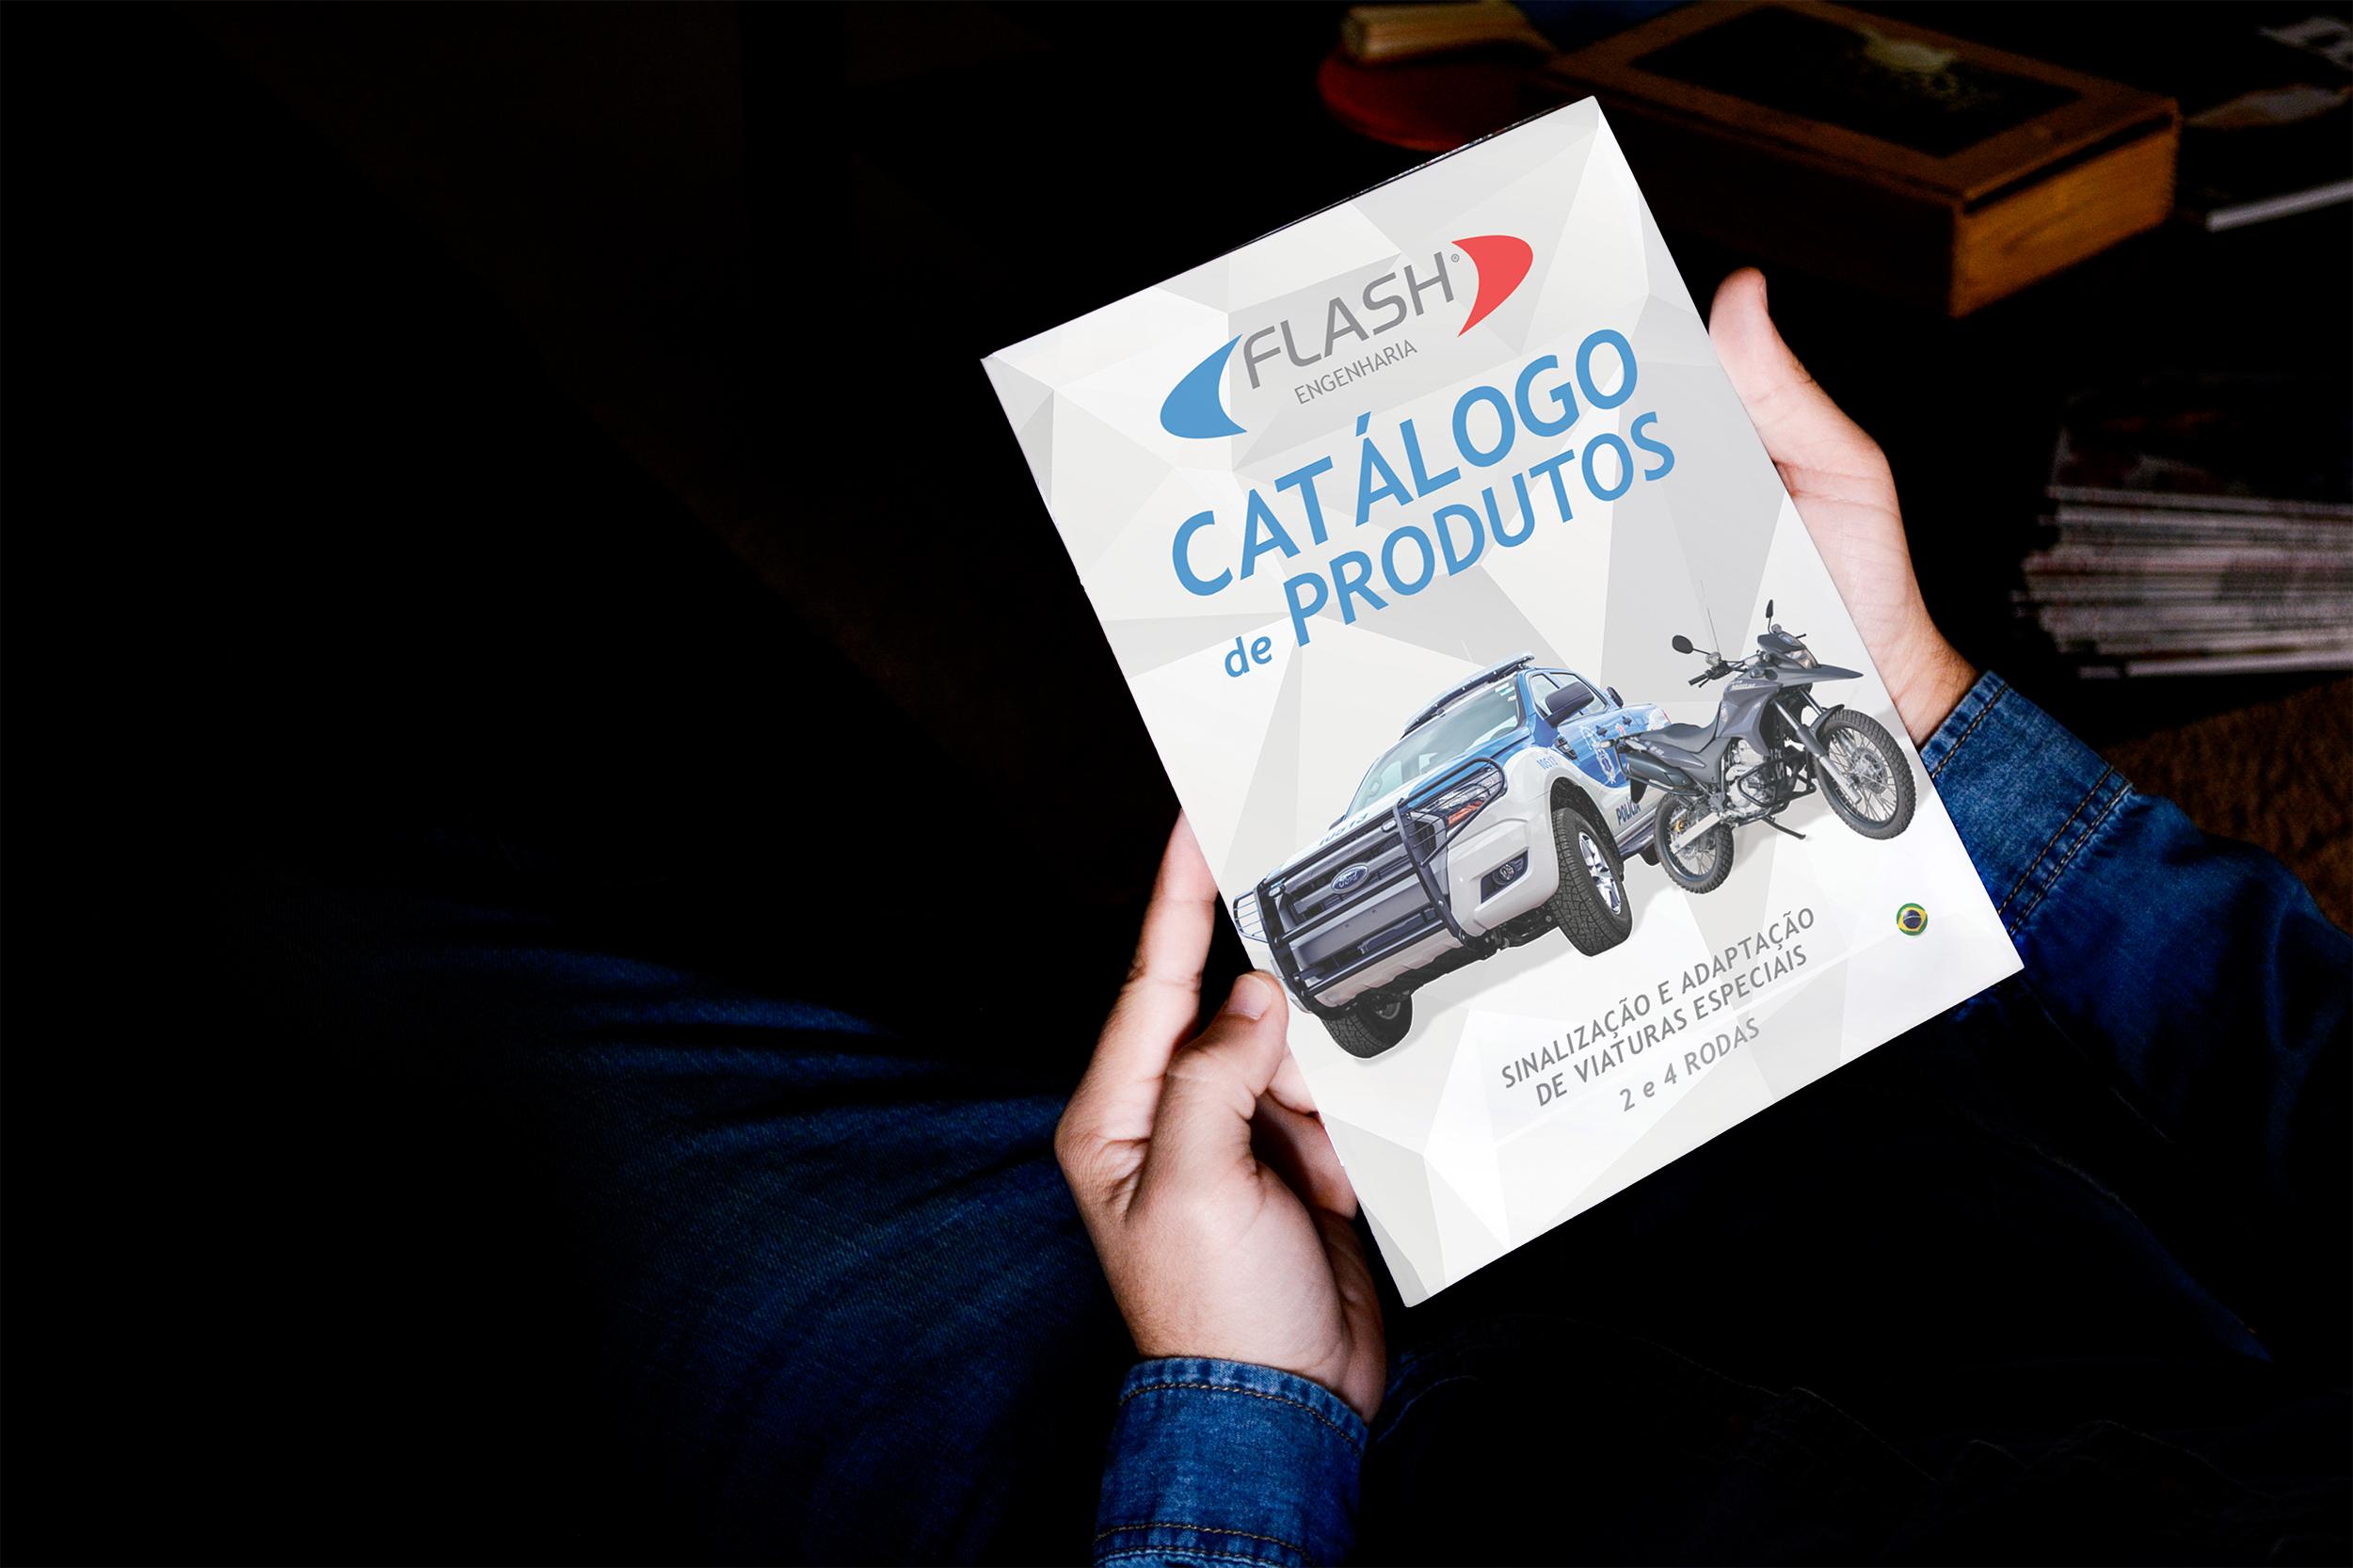 Catálogo Produtos Flash Engenharia 2